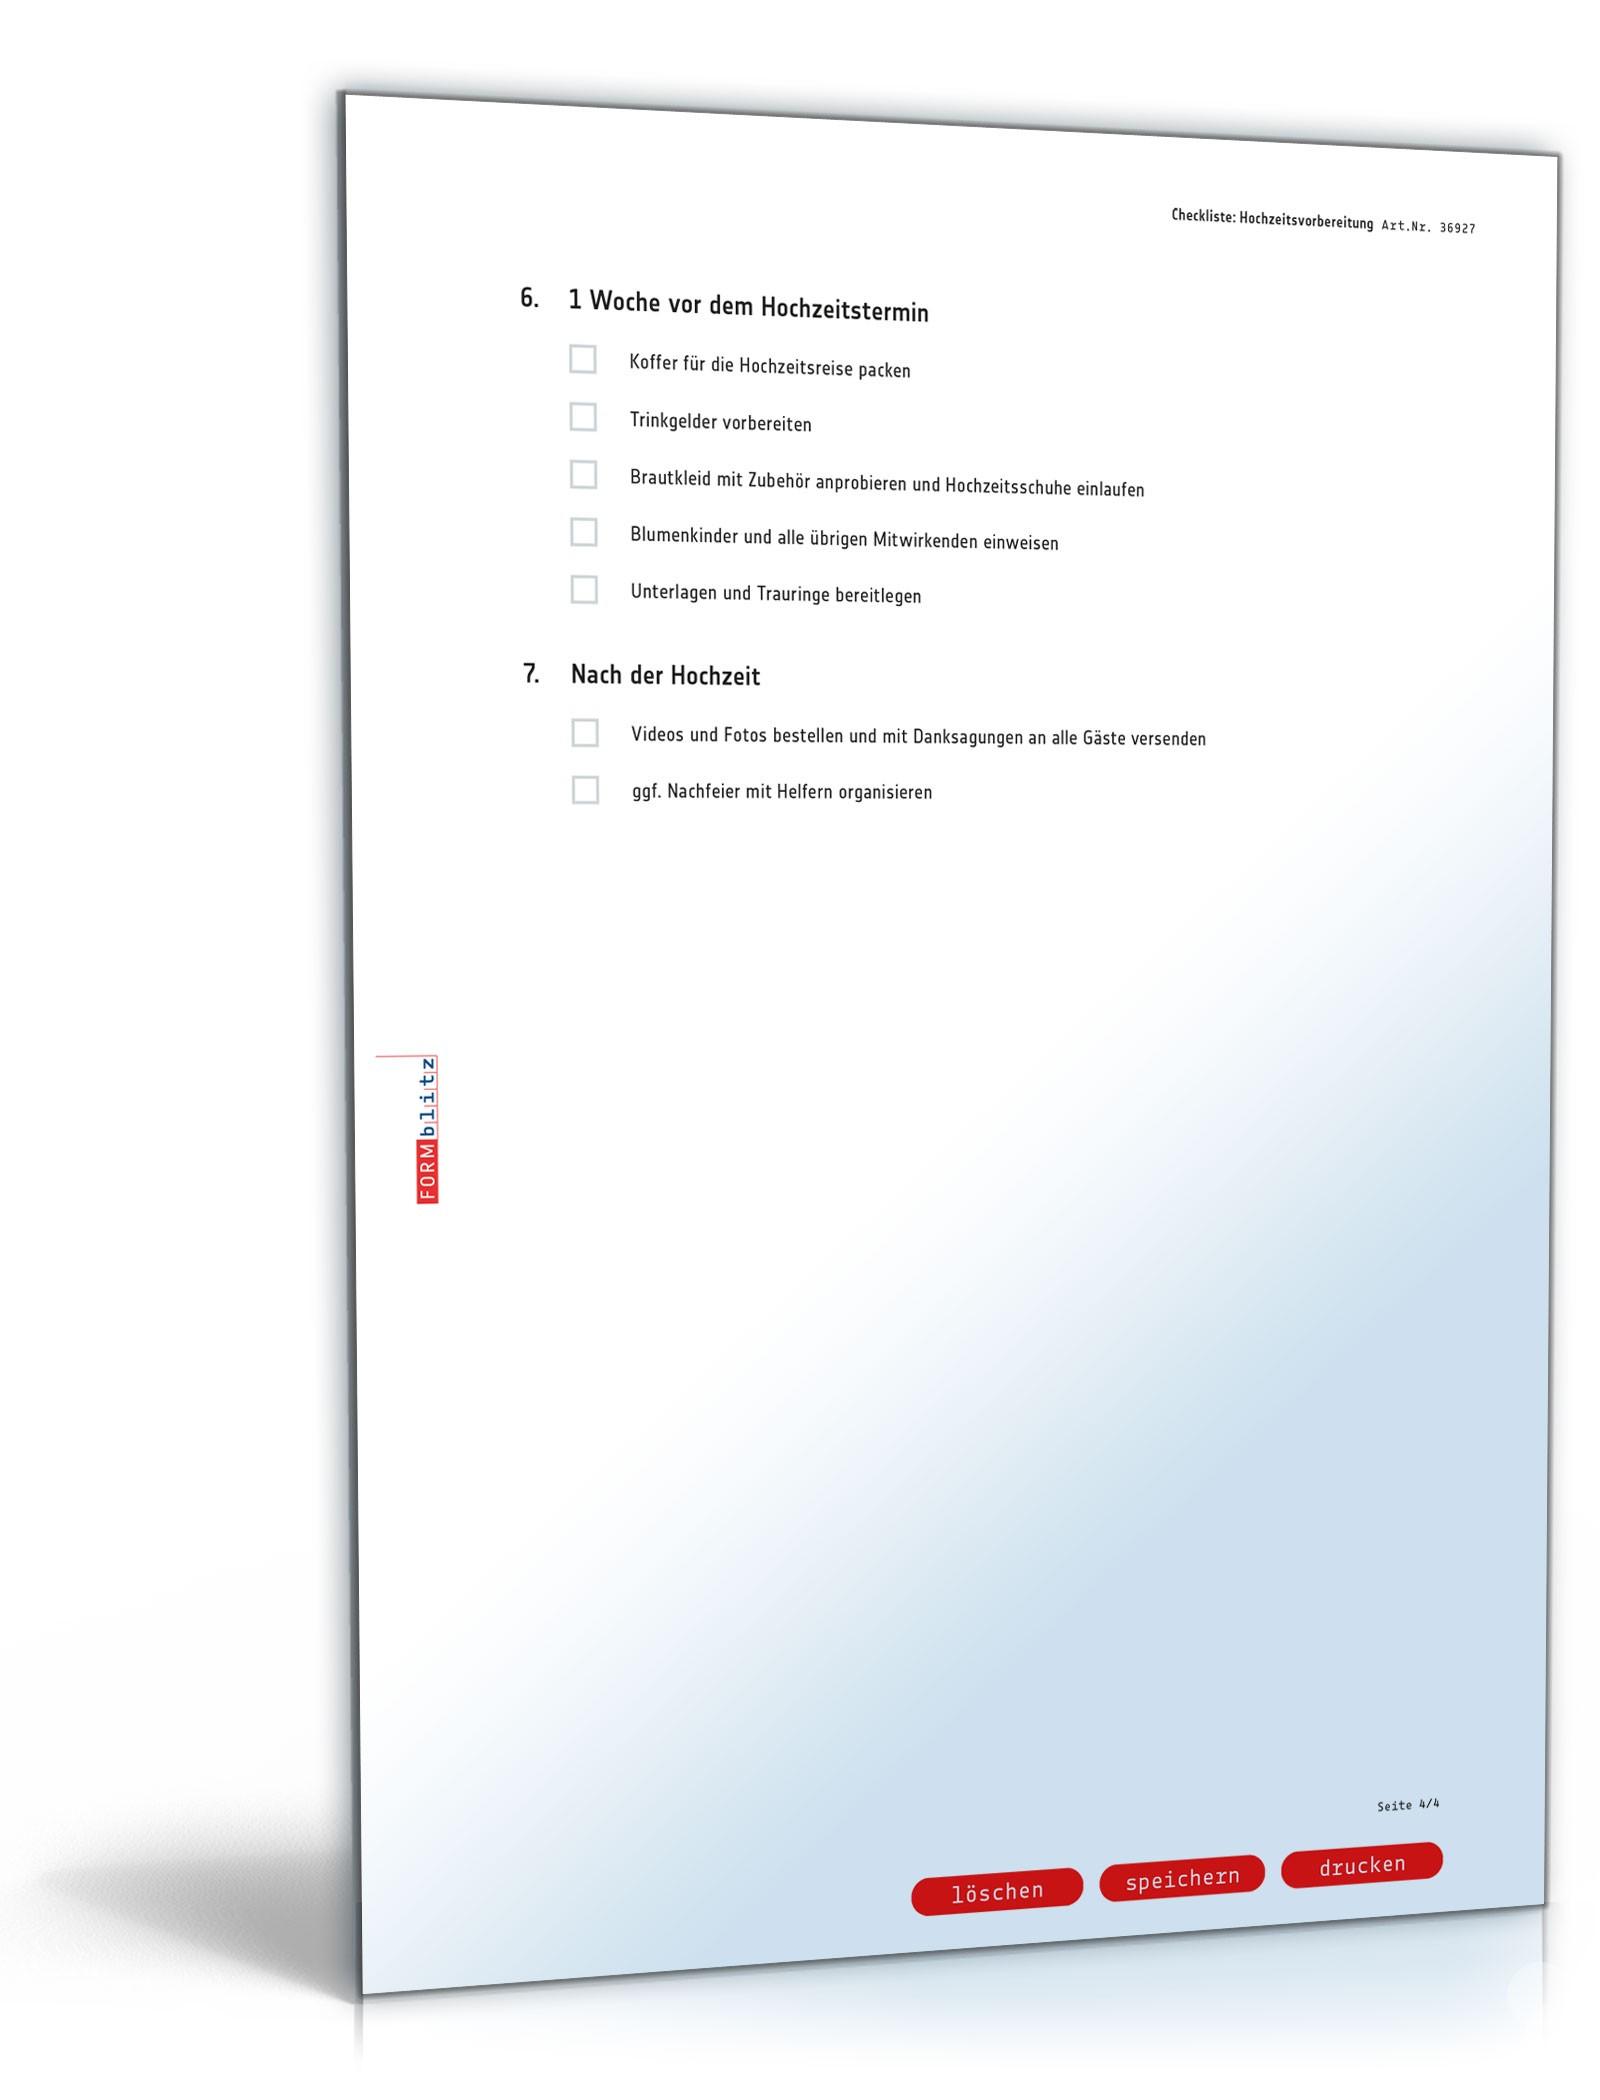 Checkliste Hochzeitsvorbereitung Zum Download